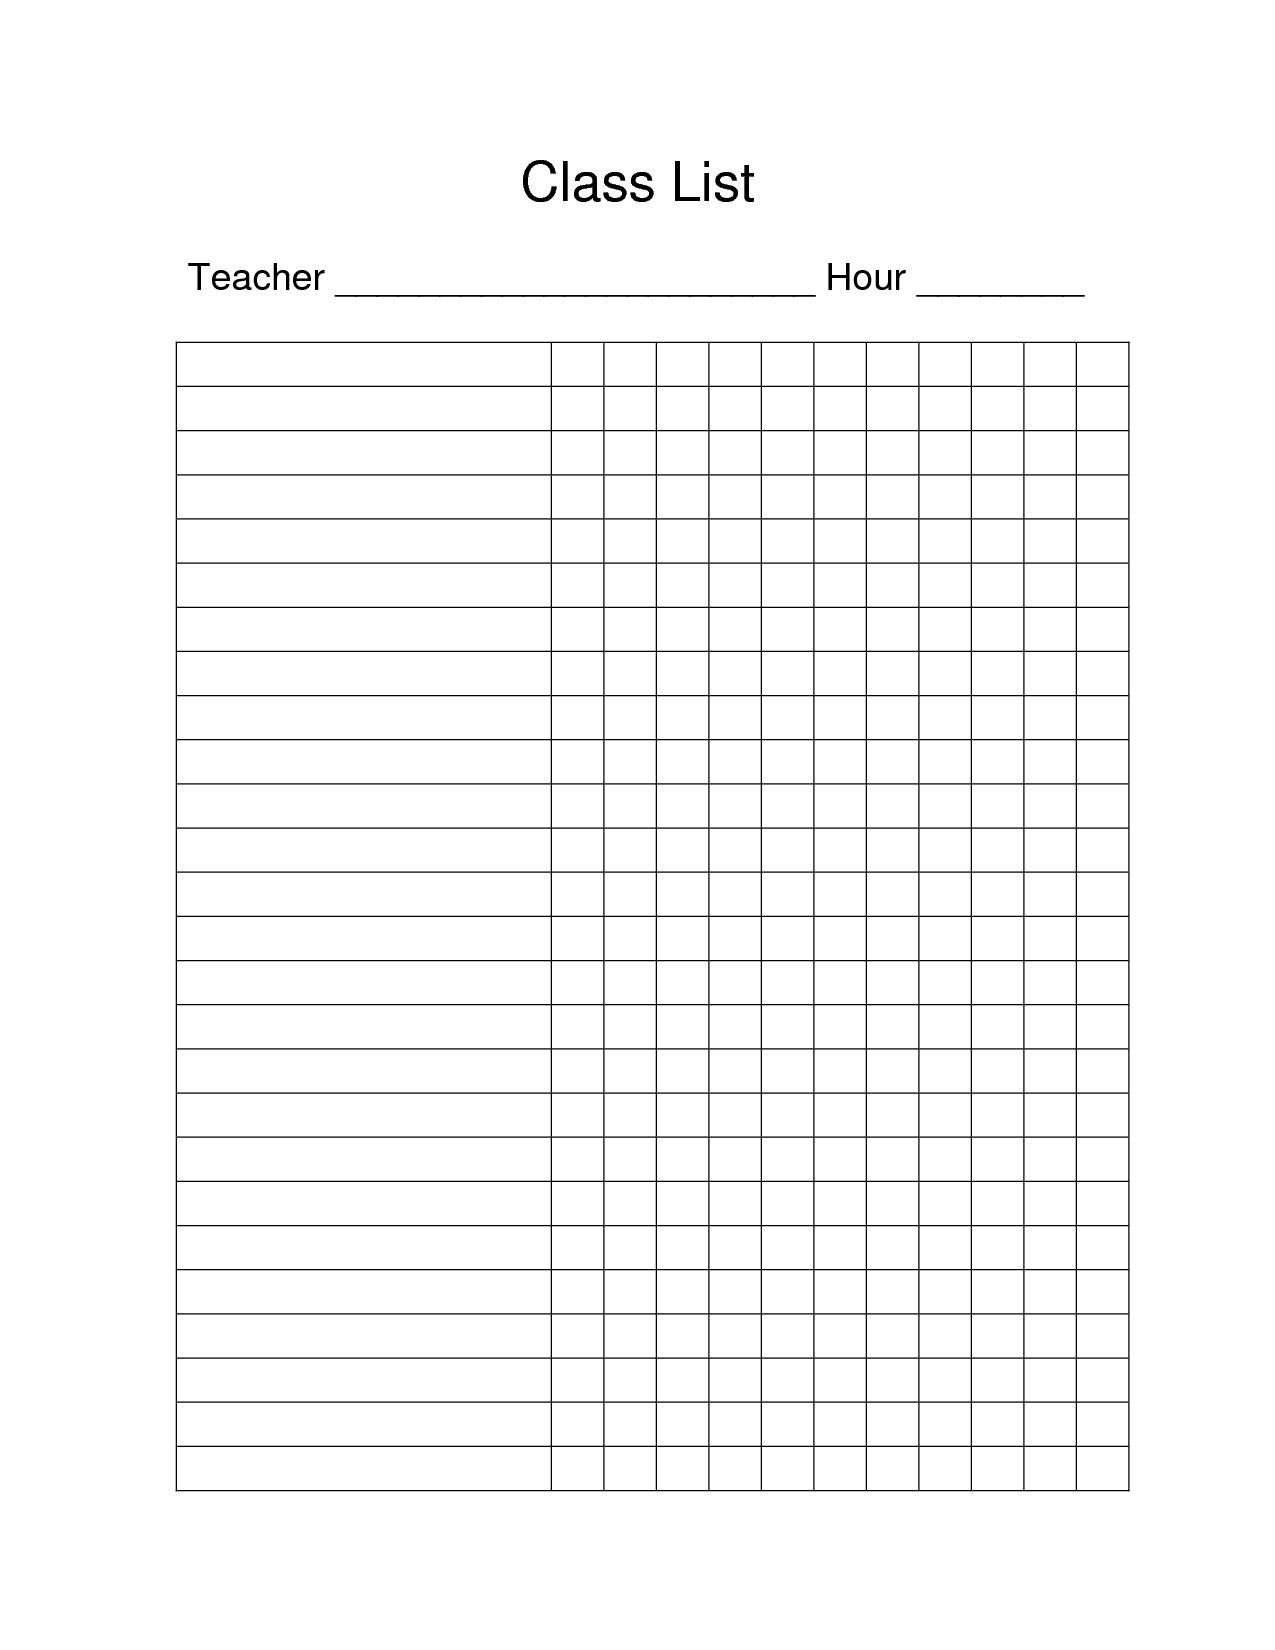 Class List Template Free Printable Class List Template 404691 Ljbwga Jpg 1275 1650 Class Roster Class List Depth Chart